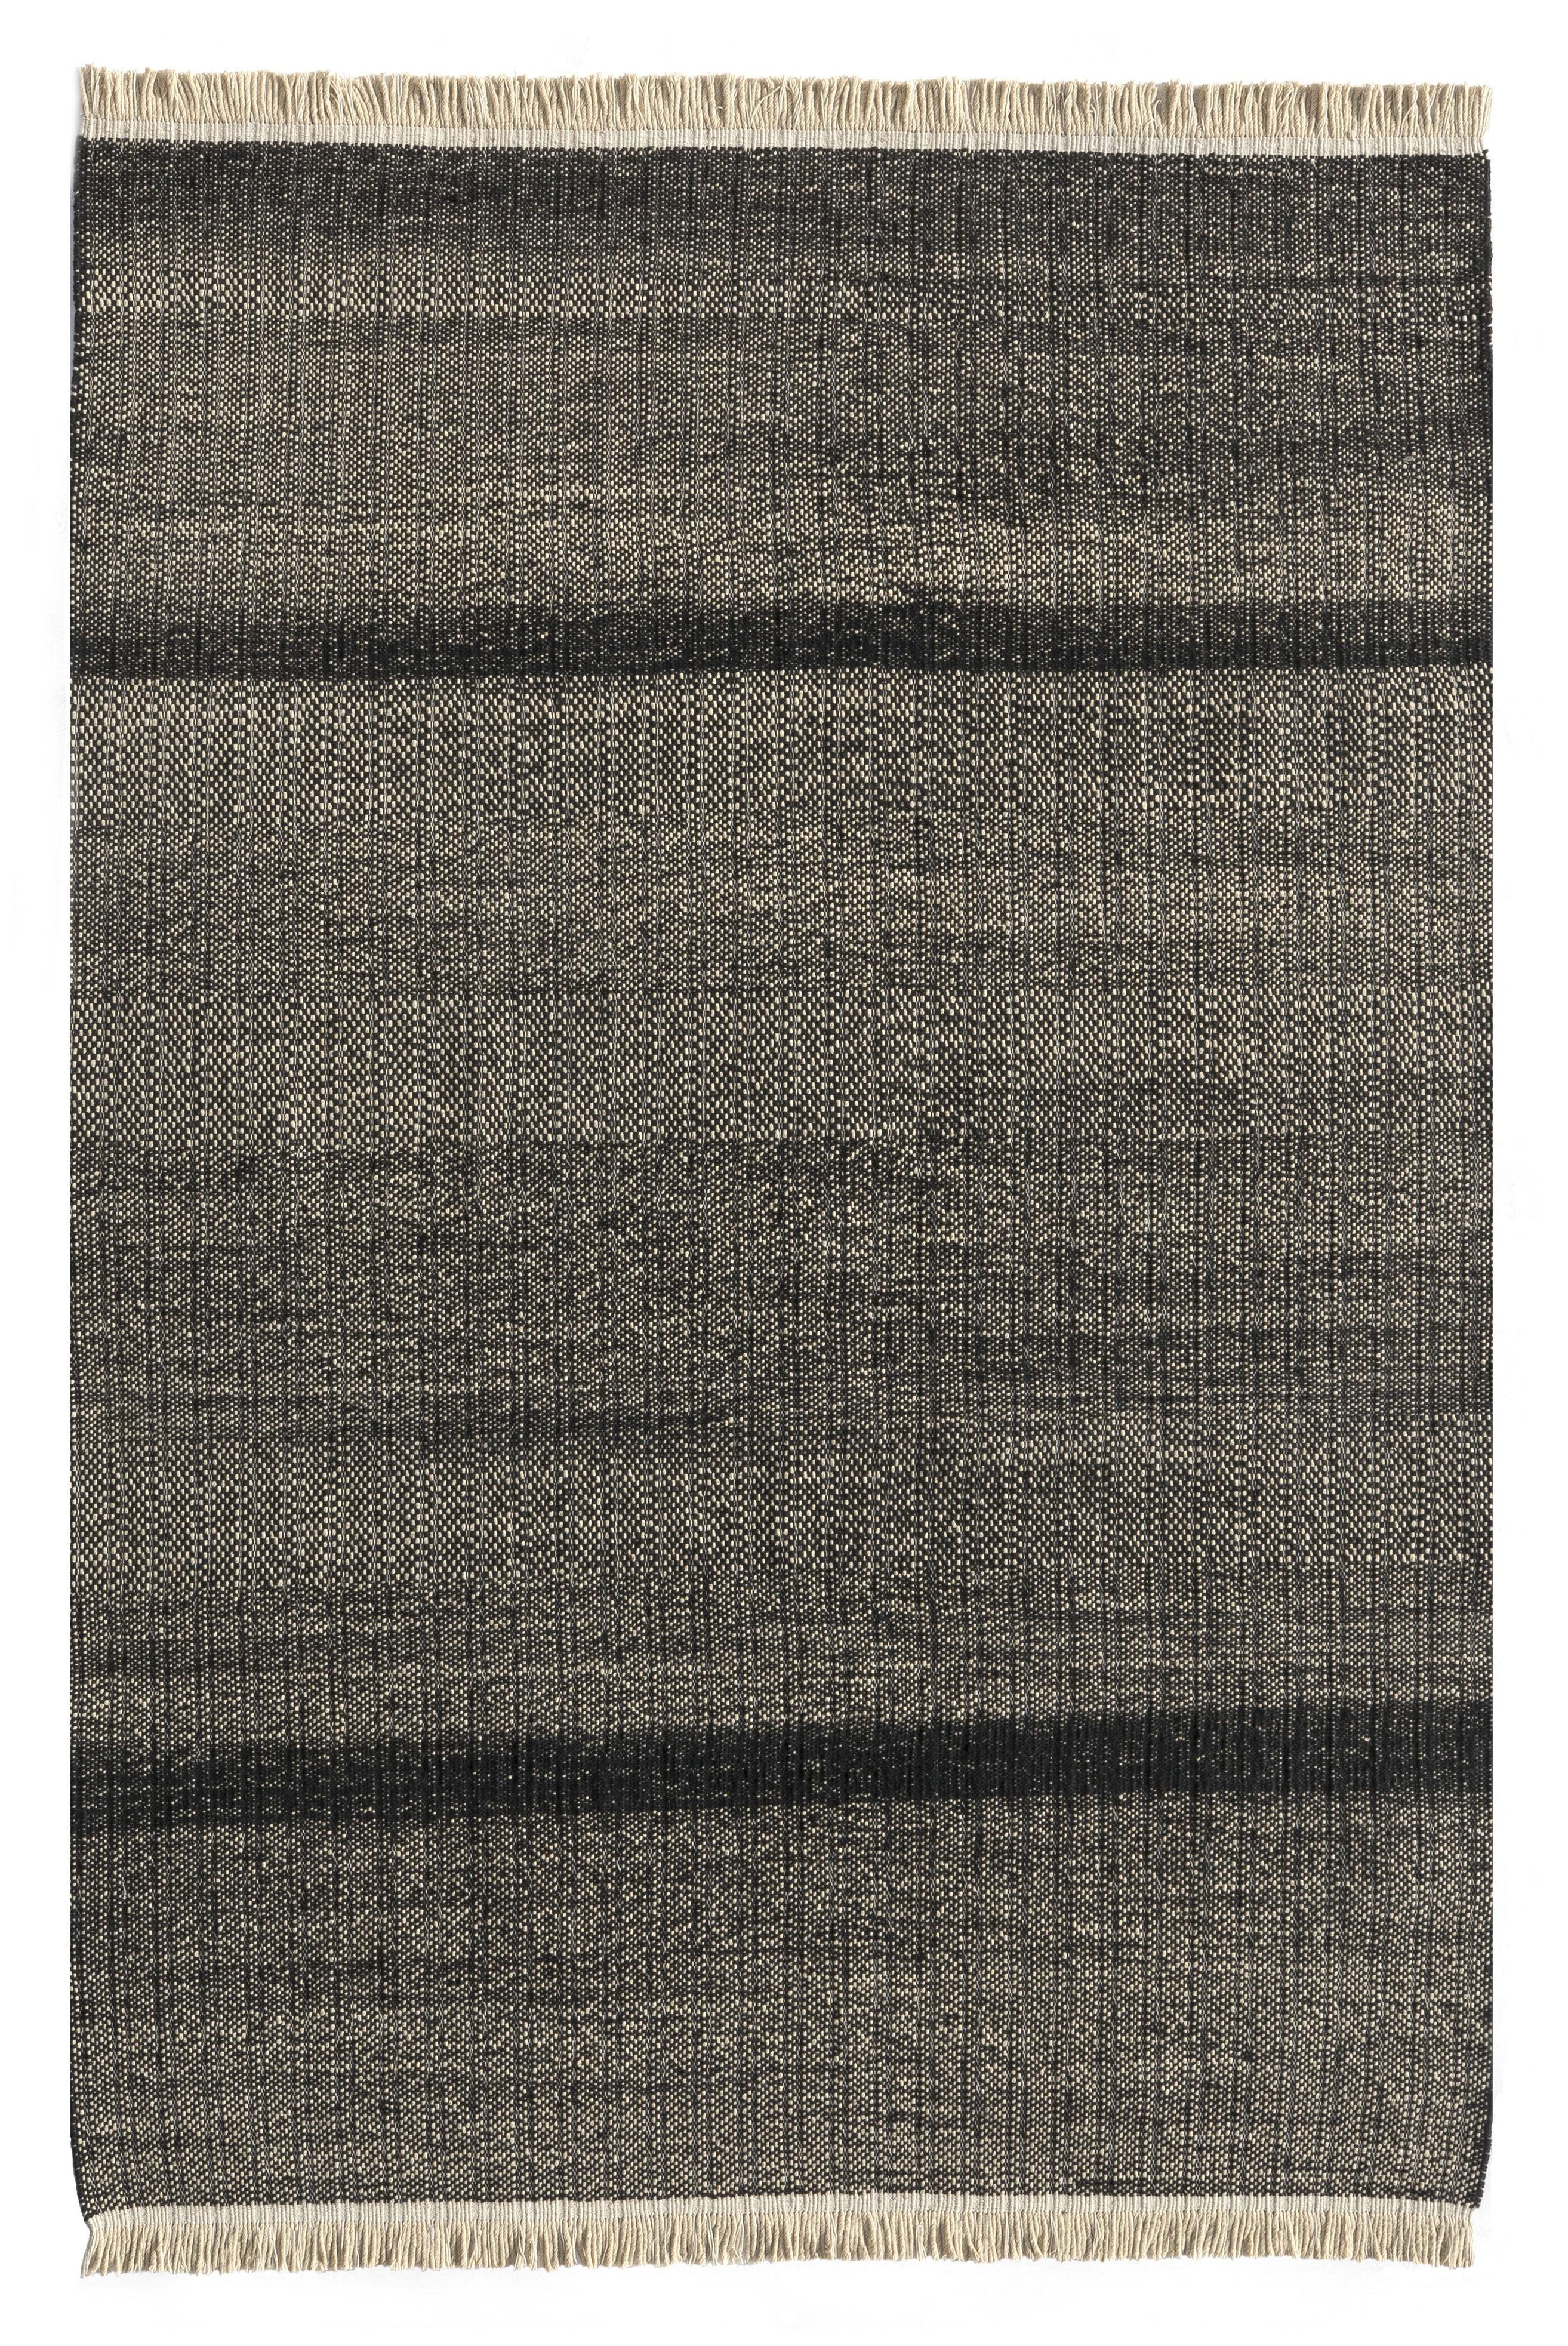 Dekoration - Teppiche - Tres Außenteppich / 200 x 300 cm - Nanimarquina - Schwarz - Polyäthylen